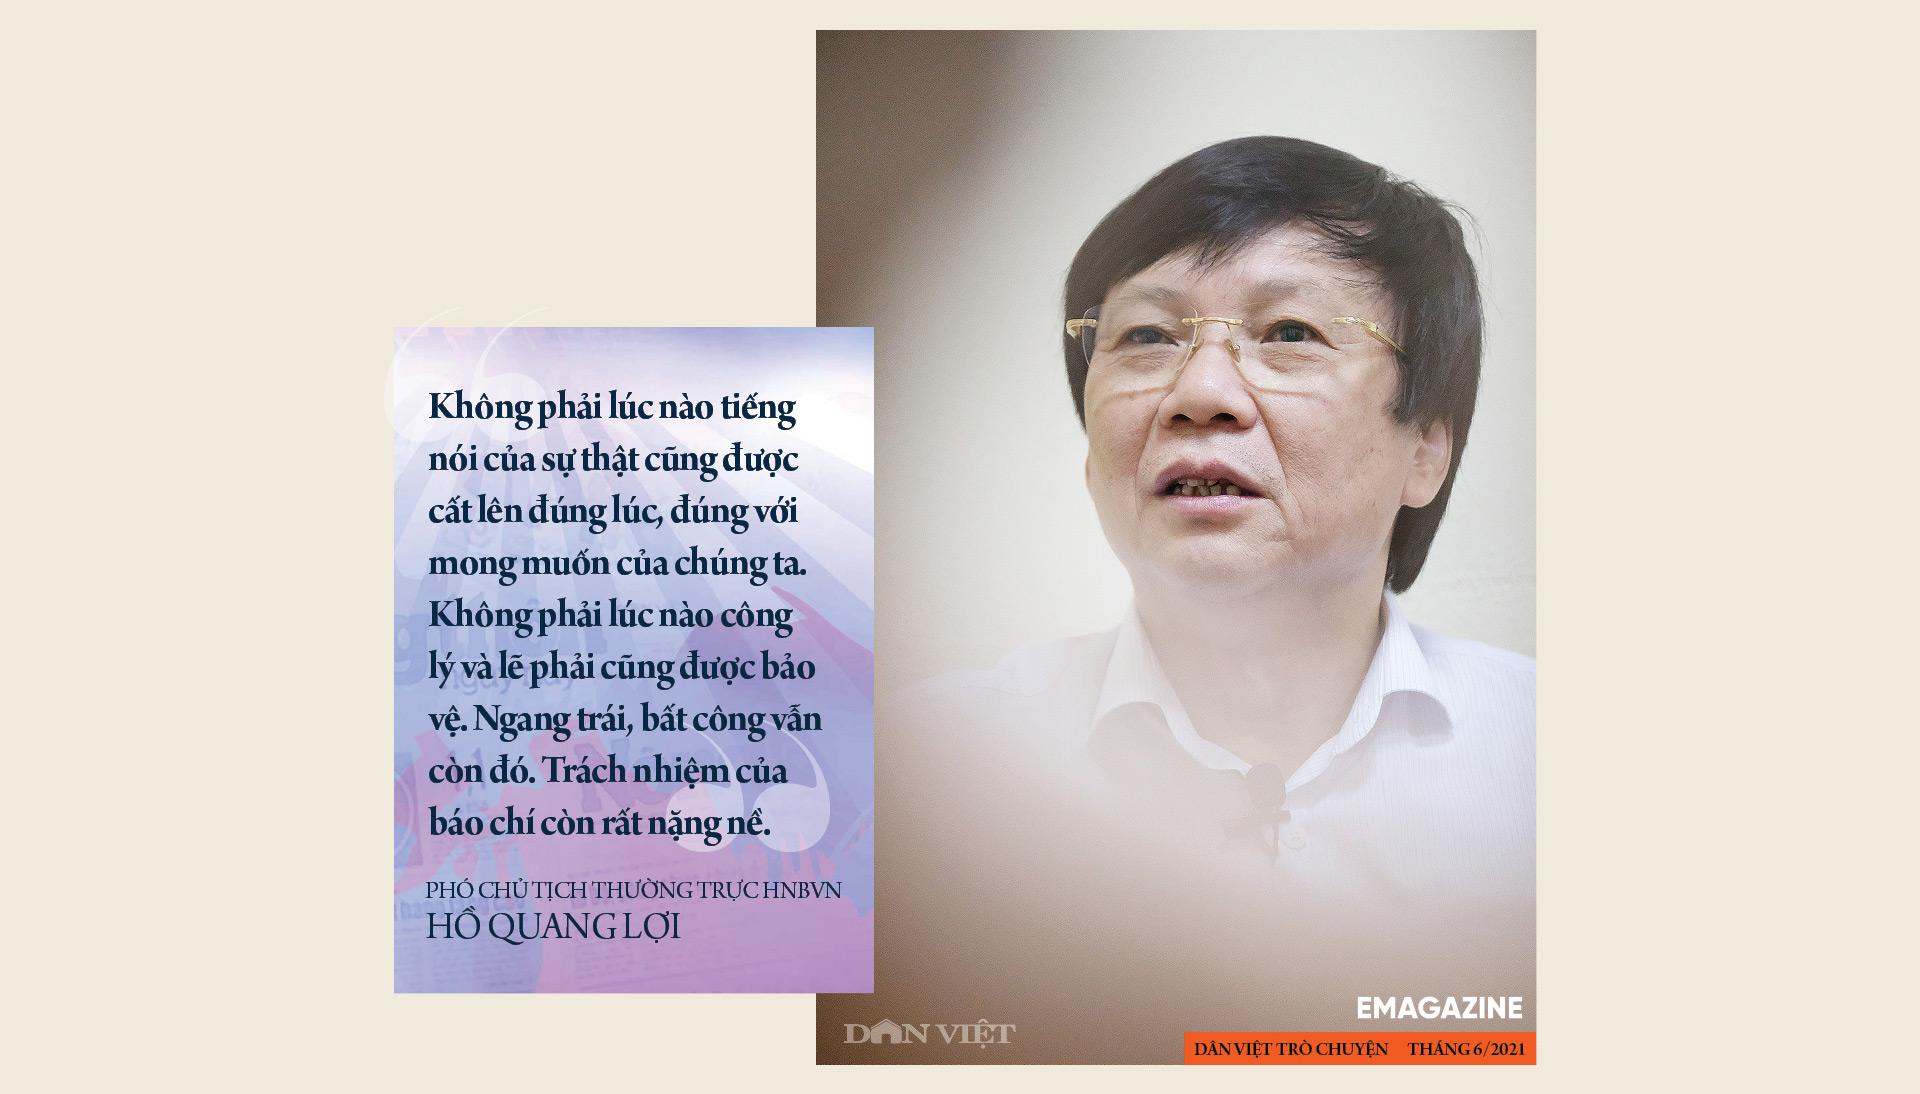 Nhà báo Hồ Quang Lợi: Dù công nghệ thay đổi ra sao, mấu chốt nghề báo vẫn là vì công lý và sự thật - Ảnh 16.